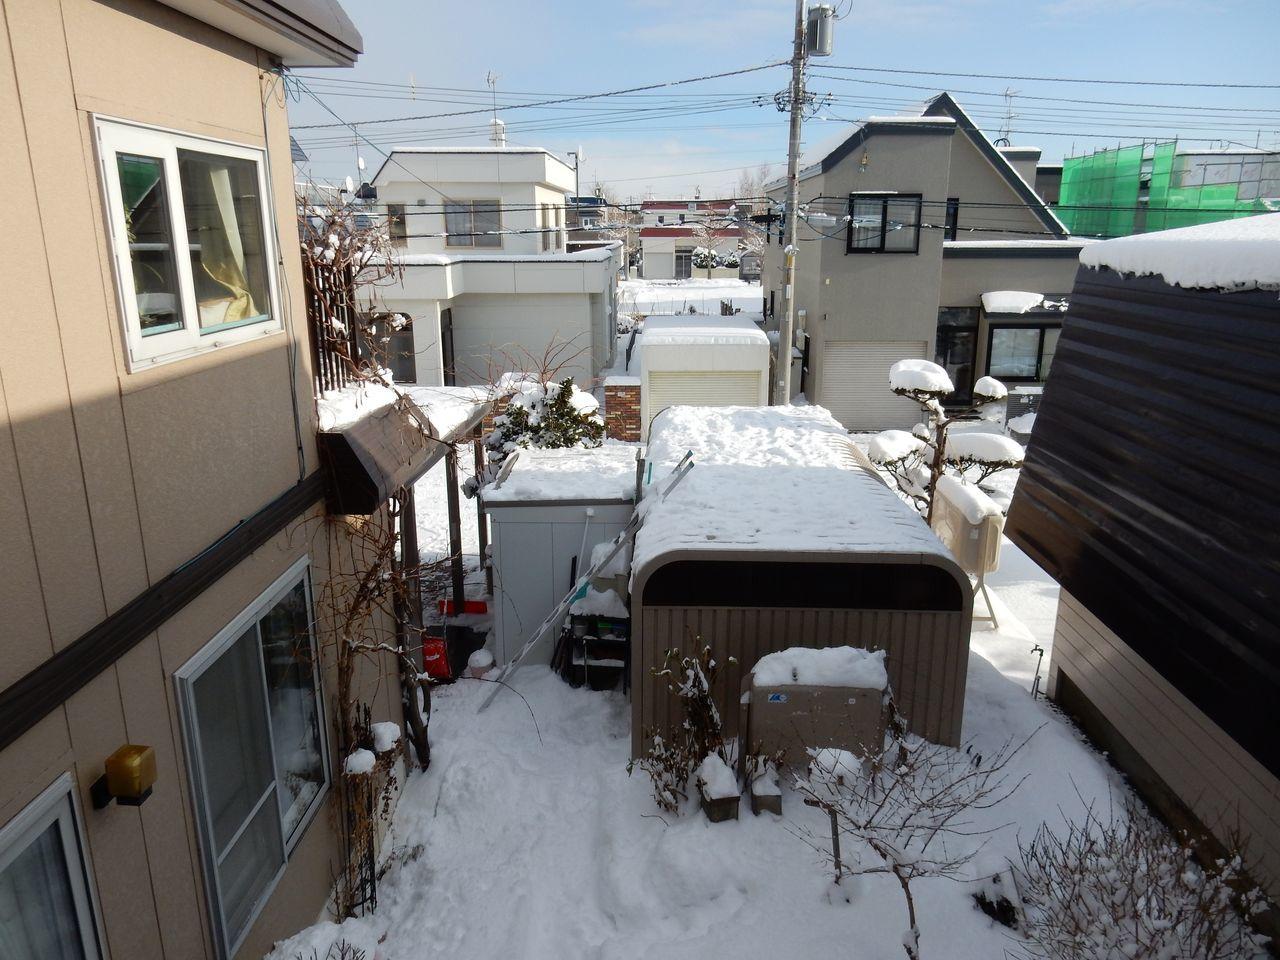 久々の雪らしい雪_c0025115_22013738.jpg